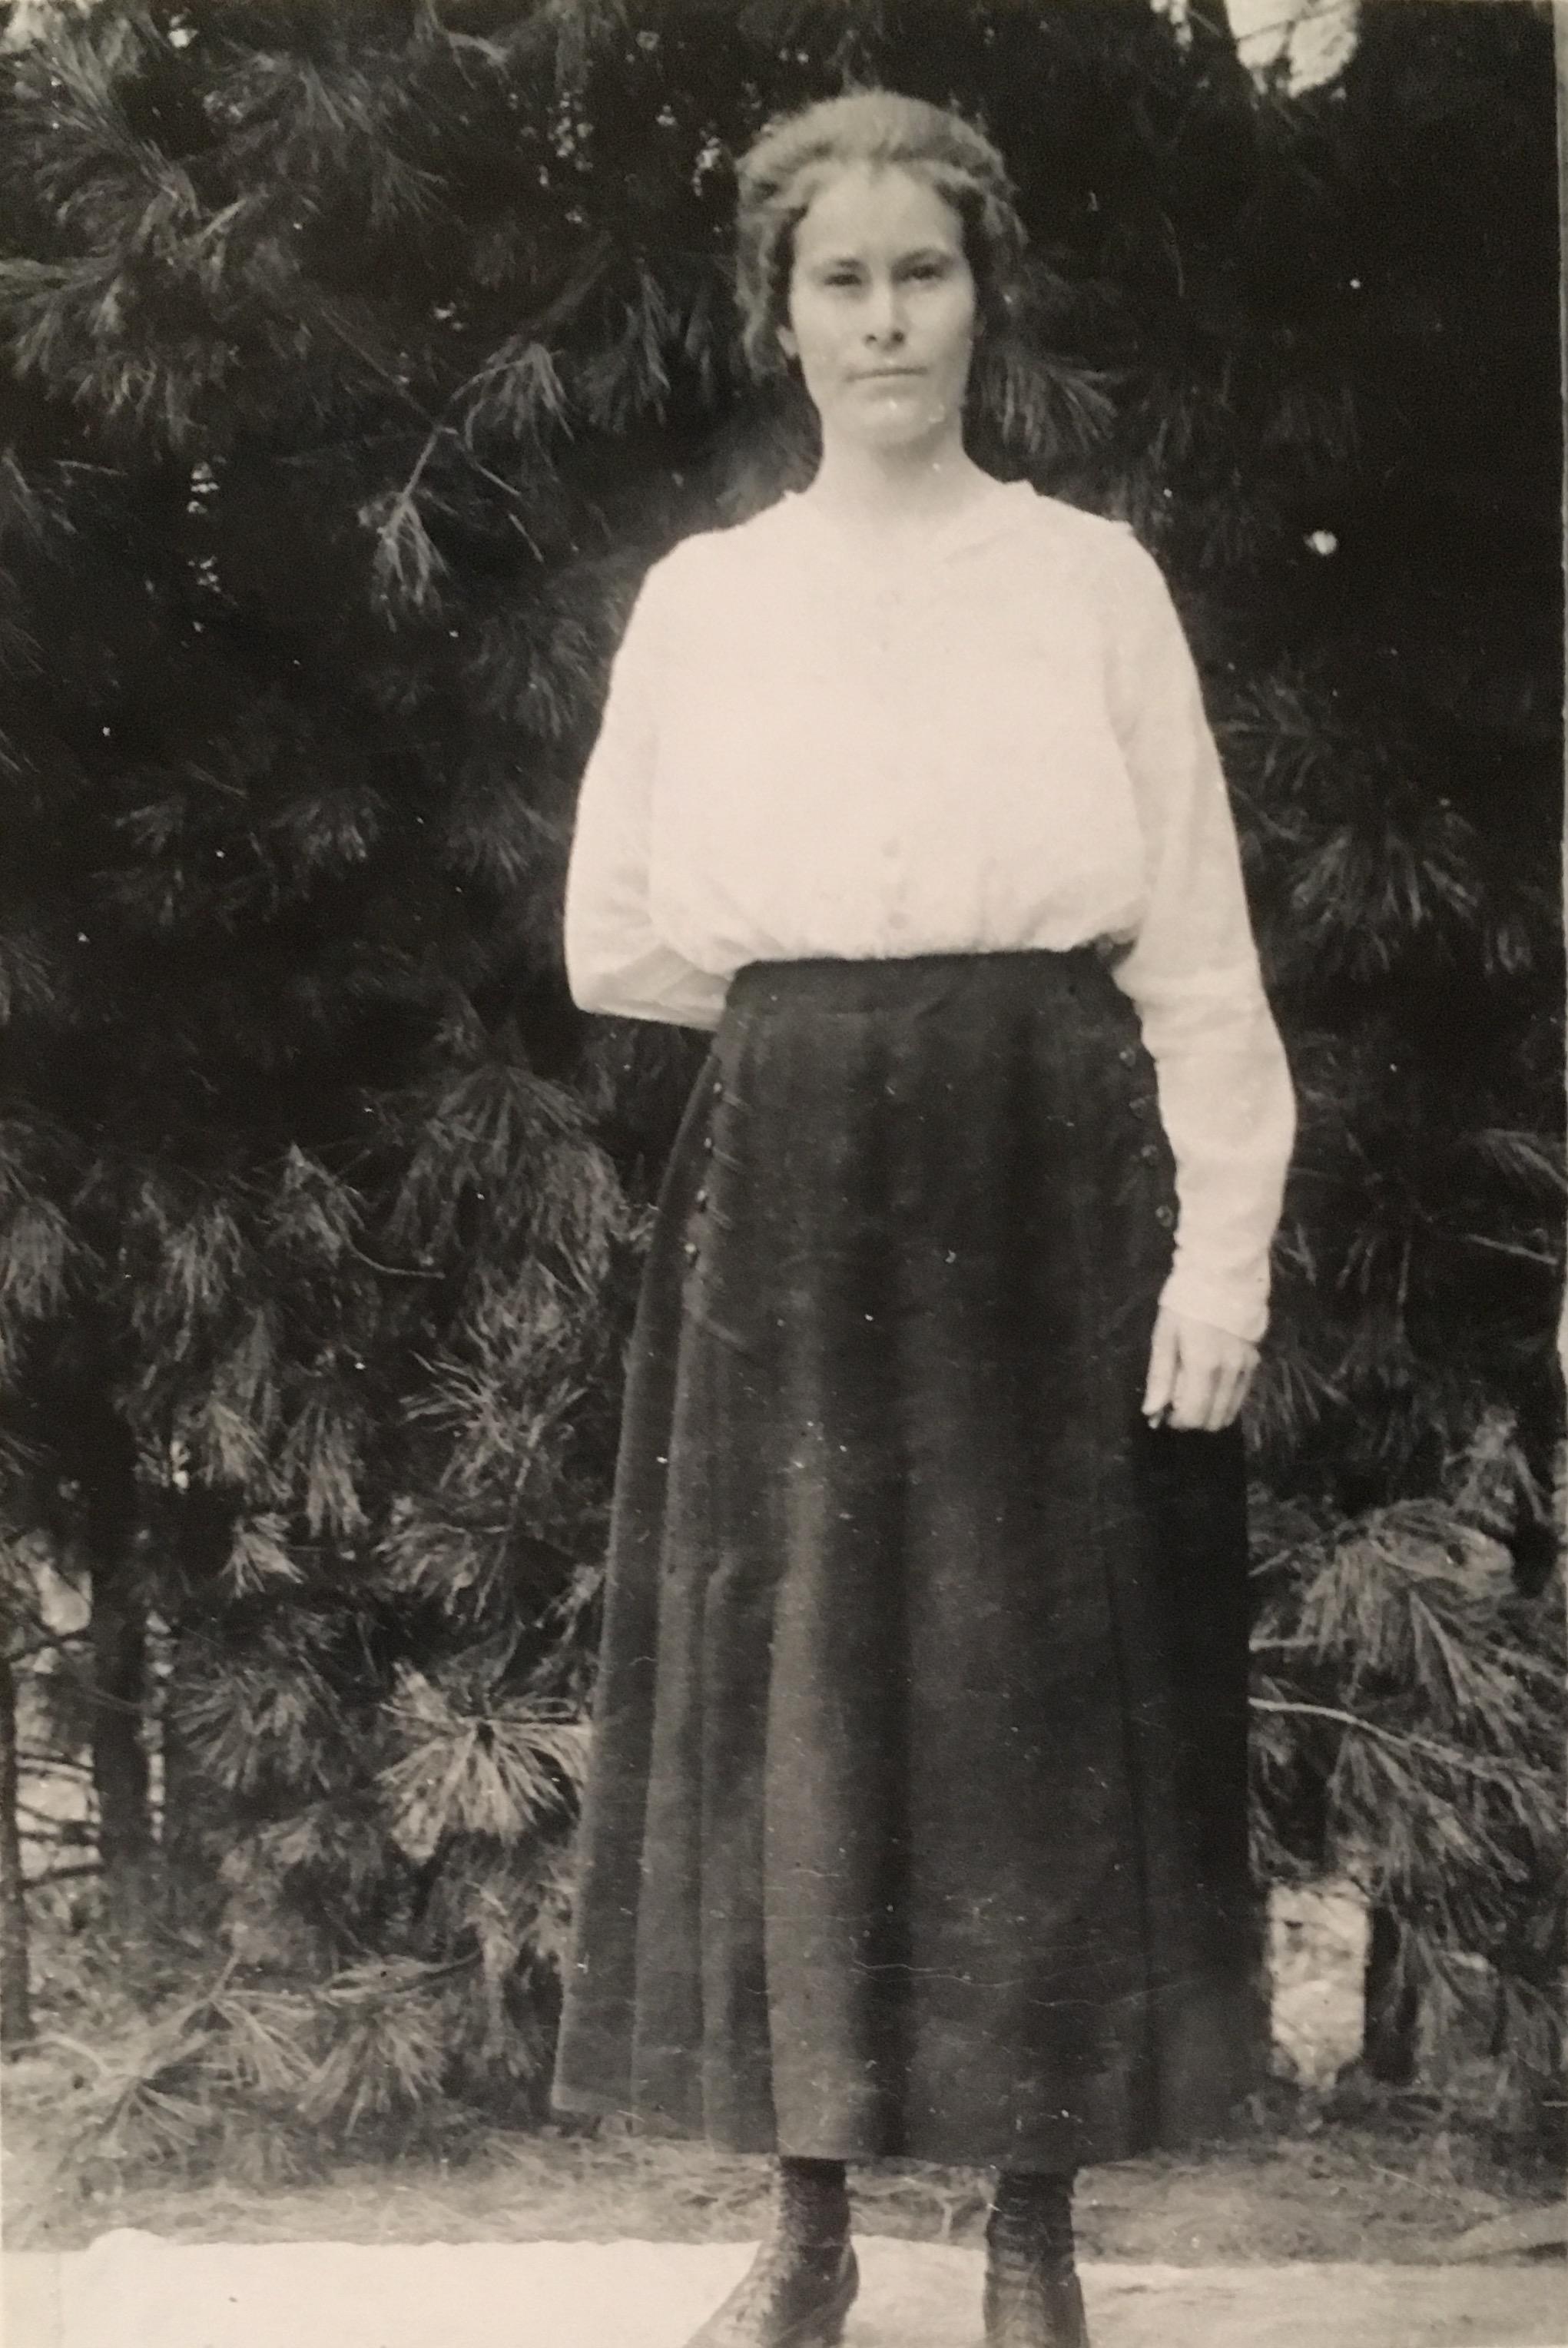 Sallie Aurelia Chastain